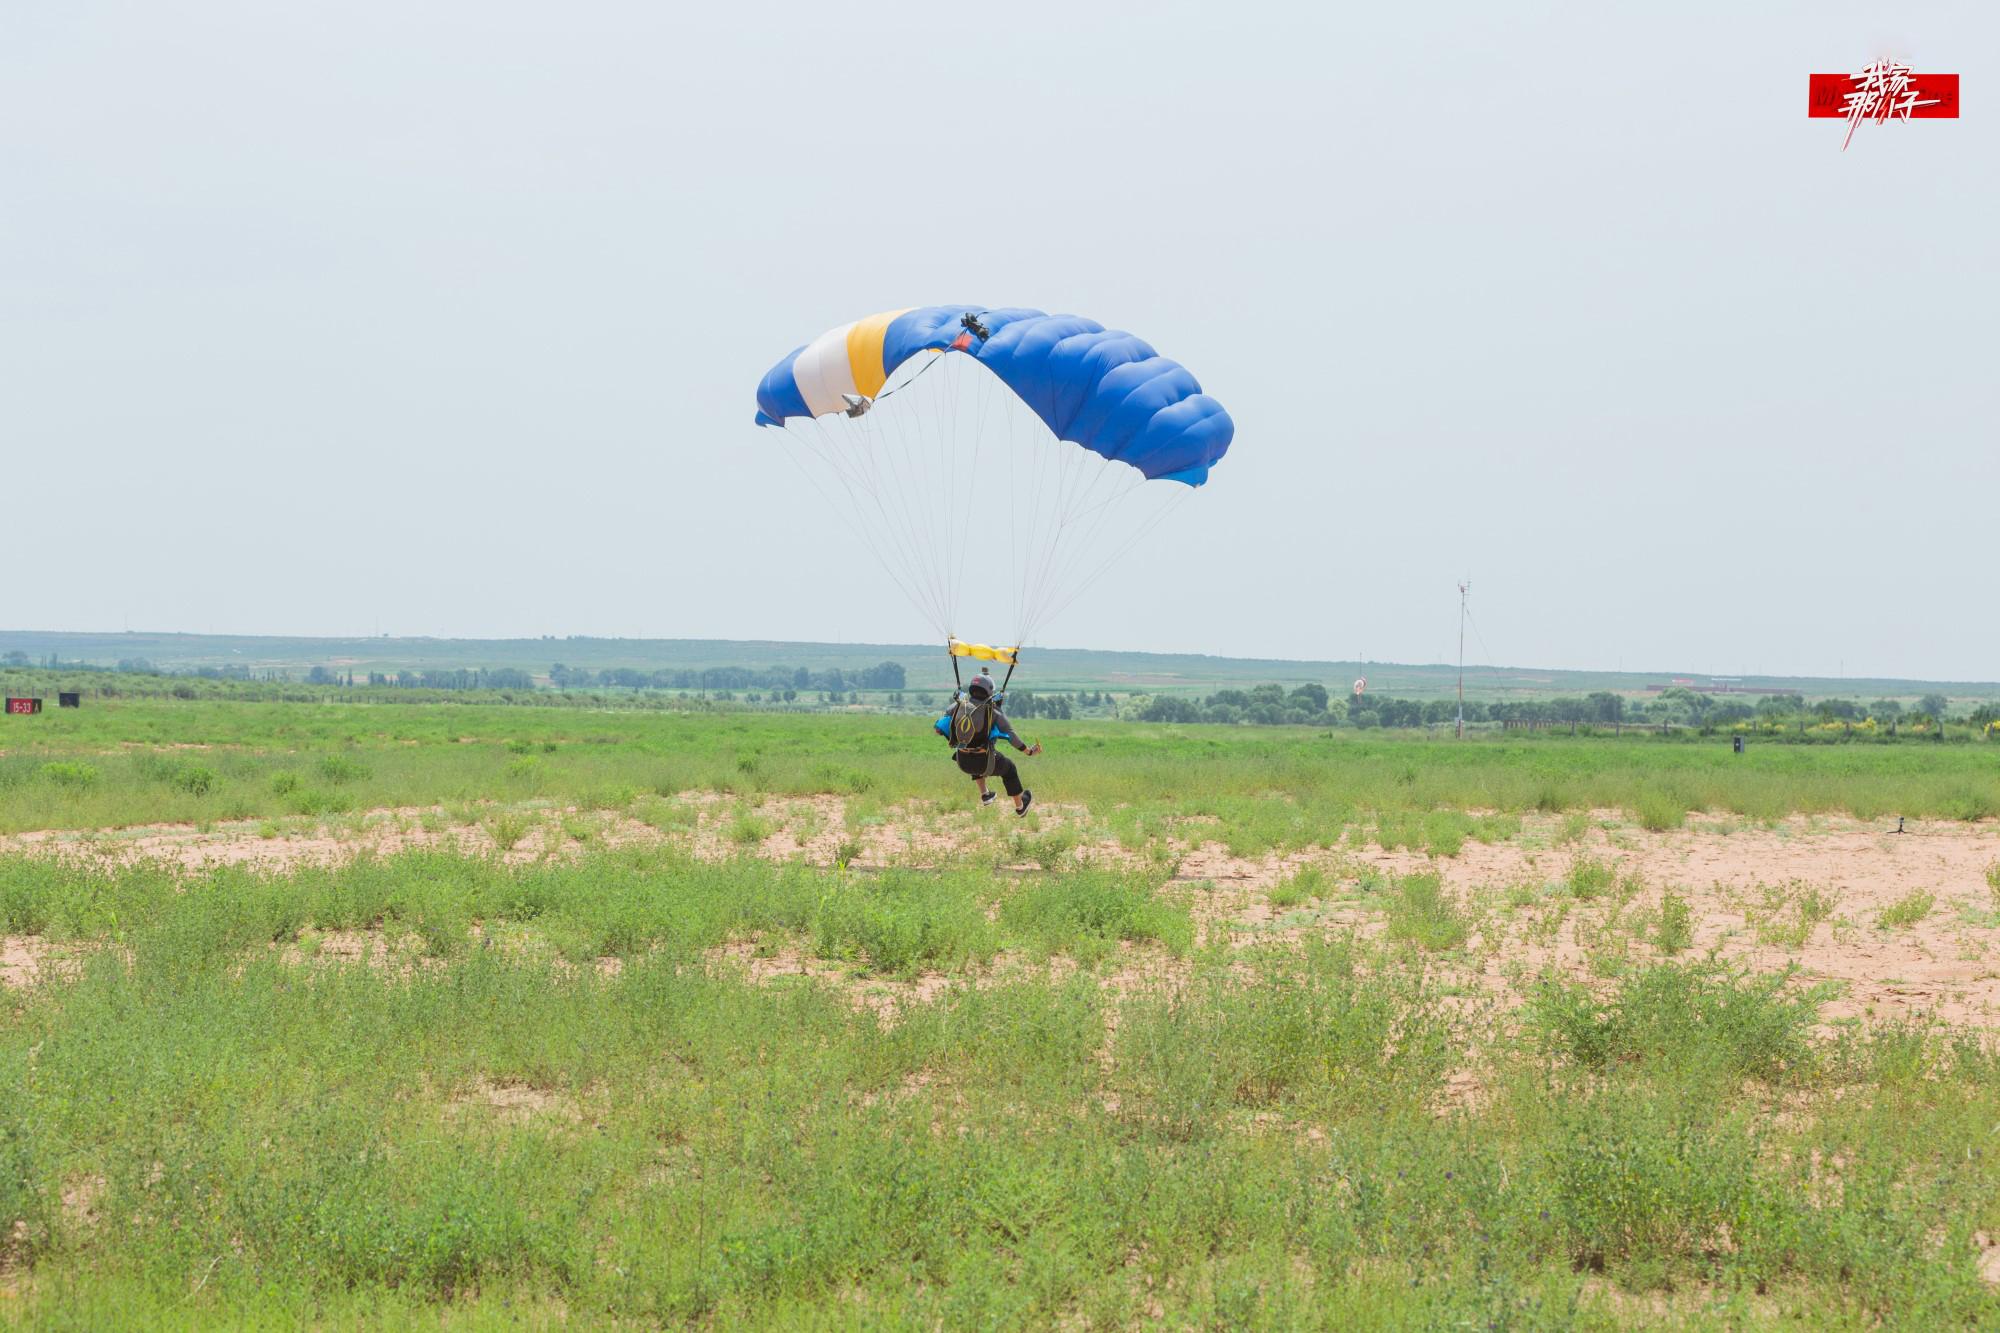 《我家那小子》武艺挑战不可能 极限跳伞吓到腿软